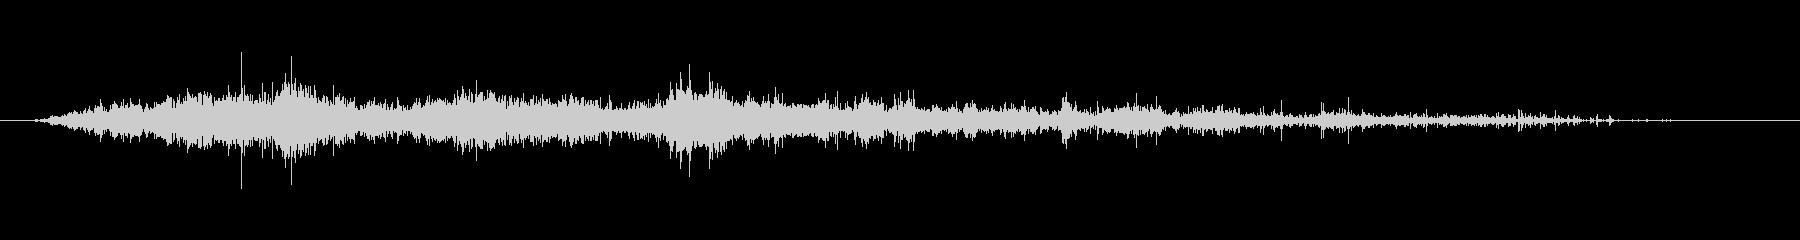 ビニール袋をガサガサ【生録音】の未再生の波形